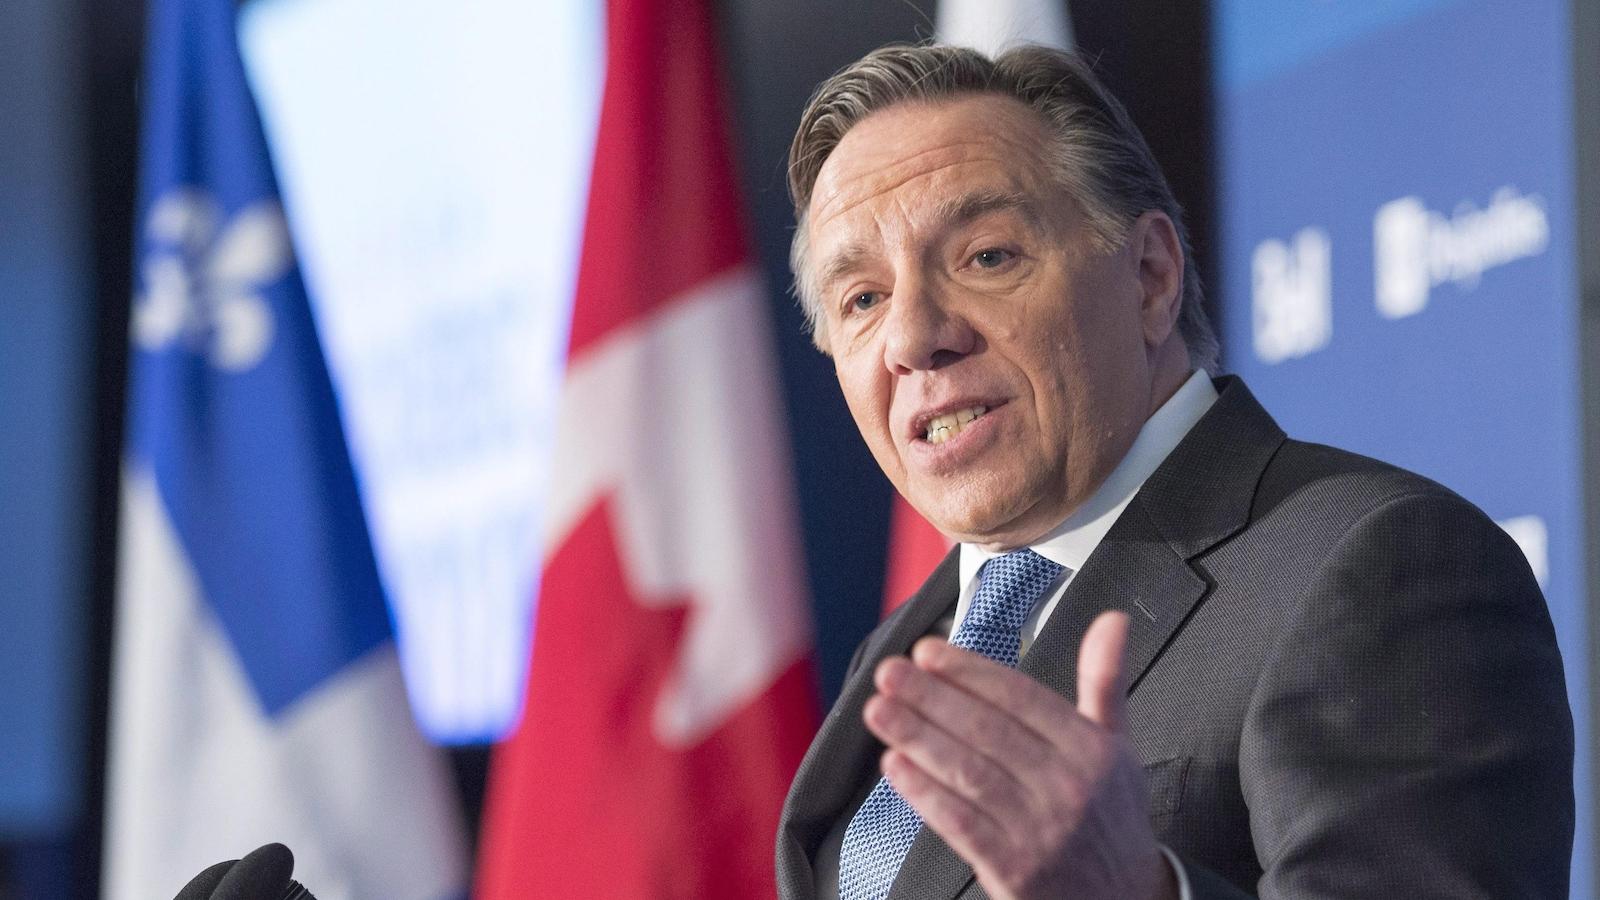 Le chef de la Coalition avenir Québec, François Legault.